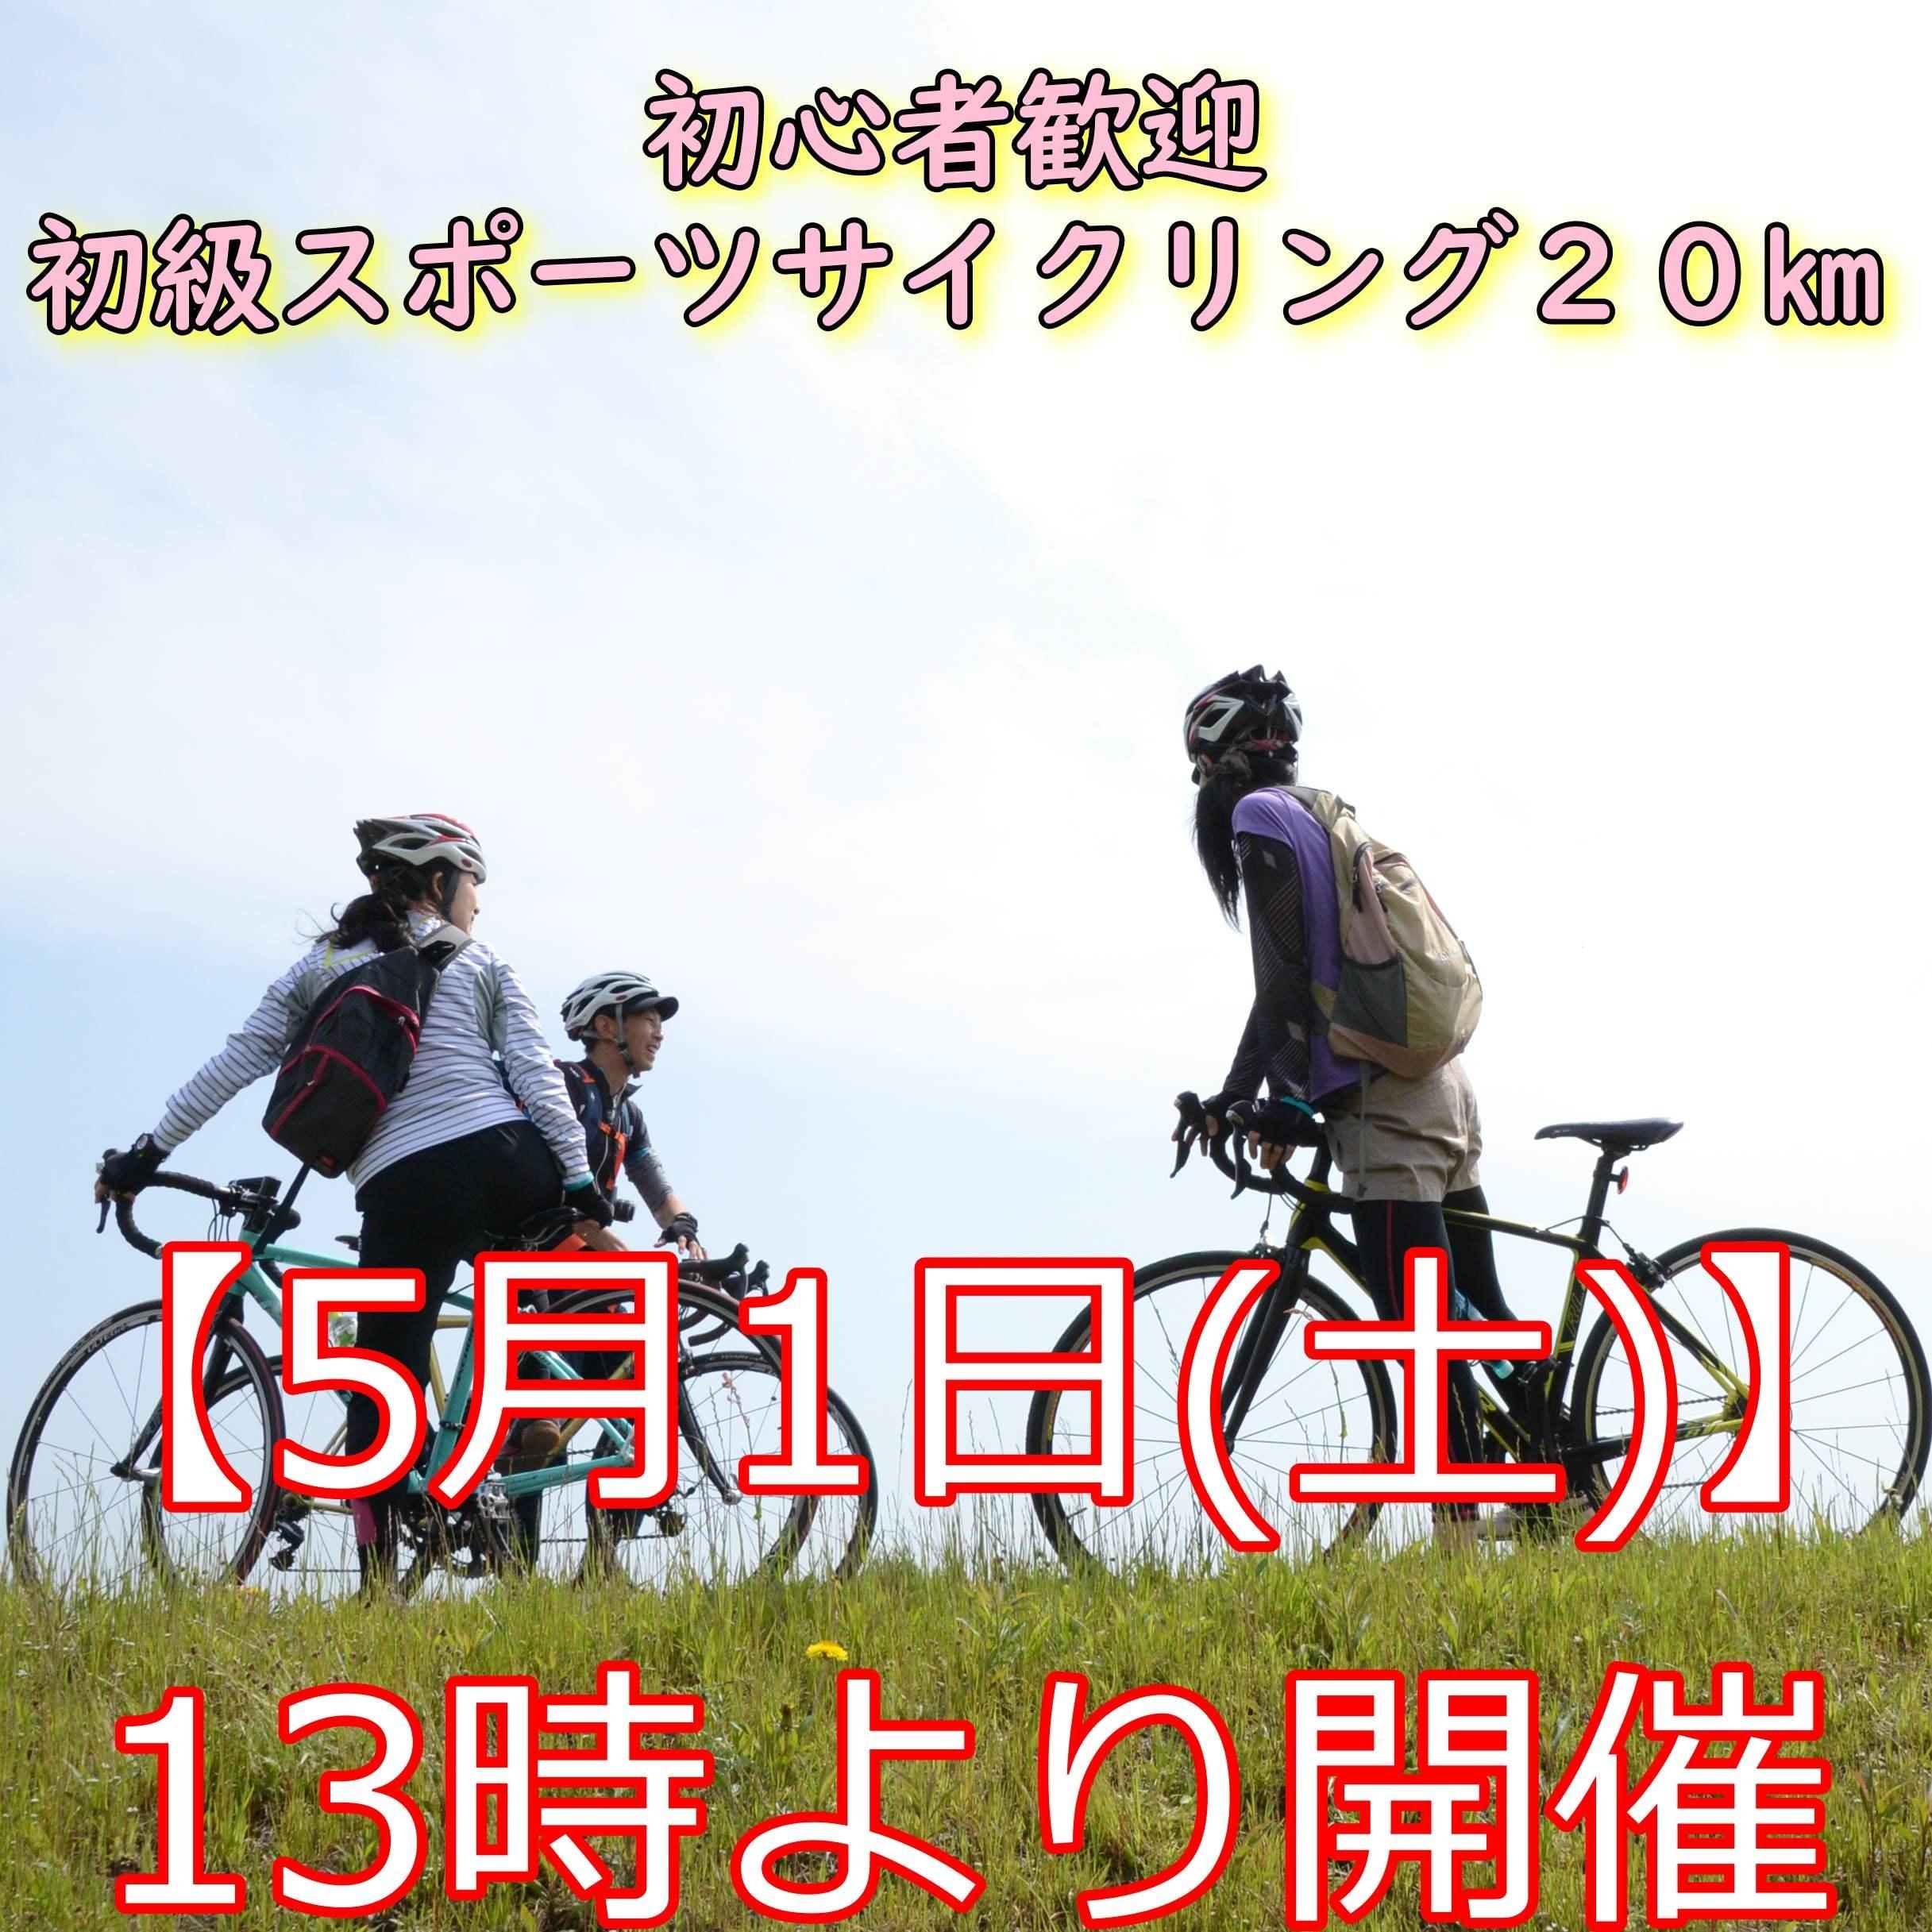 【5月1日 土曜】初級!スポーツサイクリング20㎞参加費 午後1時から のイメージその1